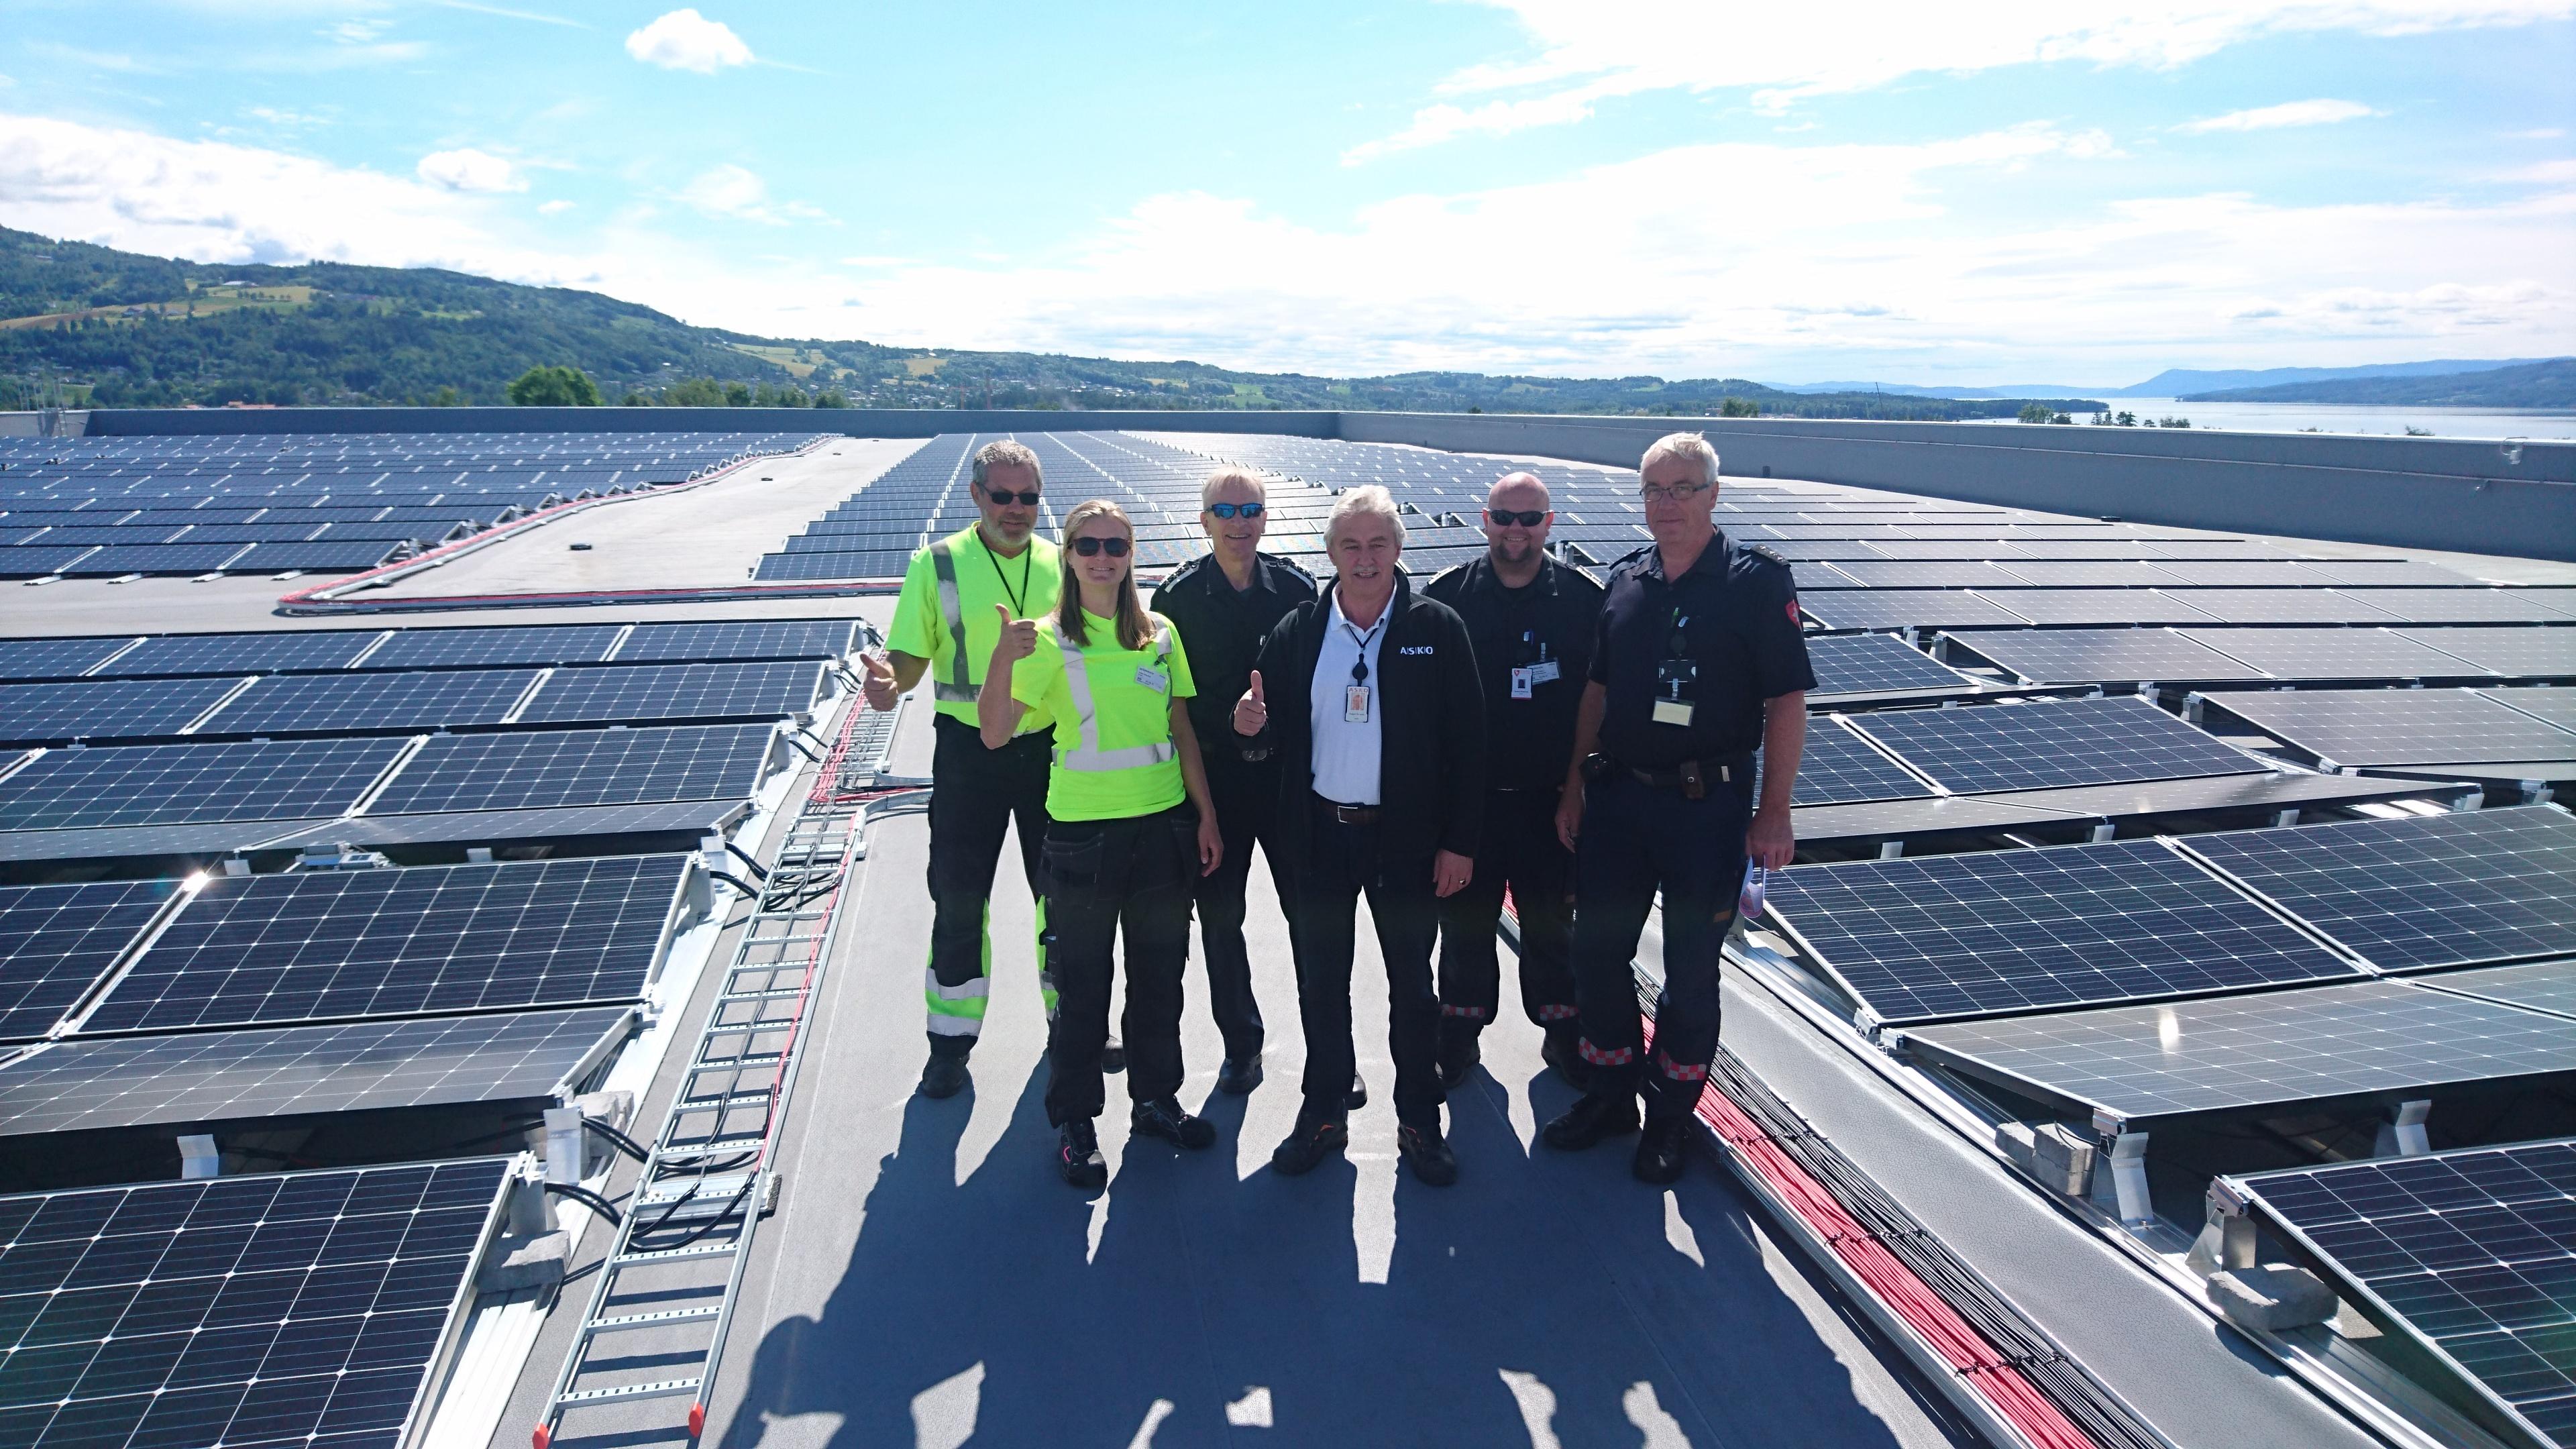 Det beste miljøtiltak for din bedrift og ditt bygg kan være solceller